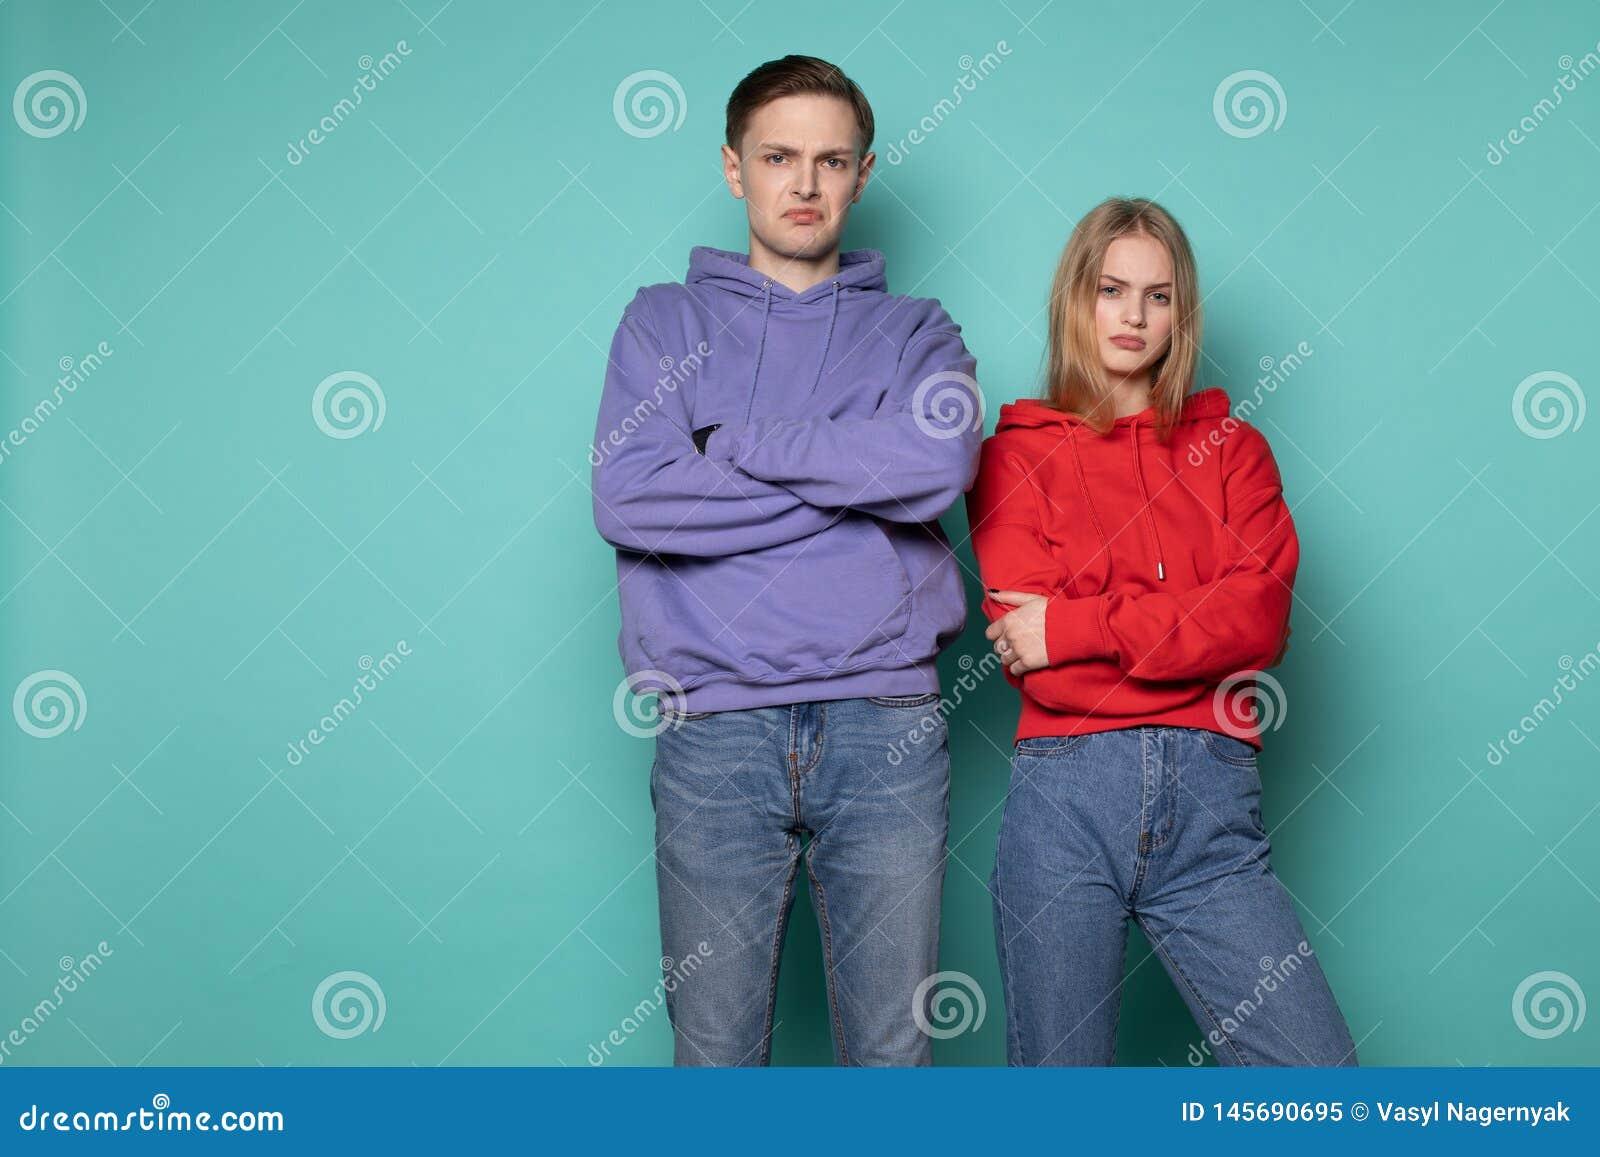 Unglücklicher verärgerter Leutemann und -frau in der zufälligen Kleidung, zusammen stehend gegen blaue Wand im Studio